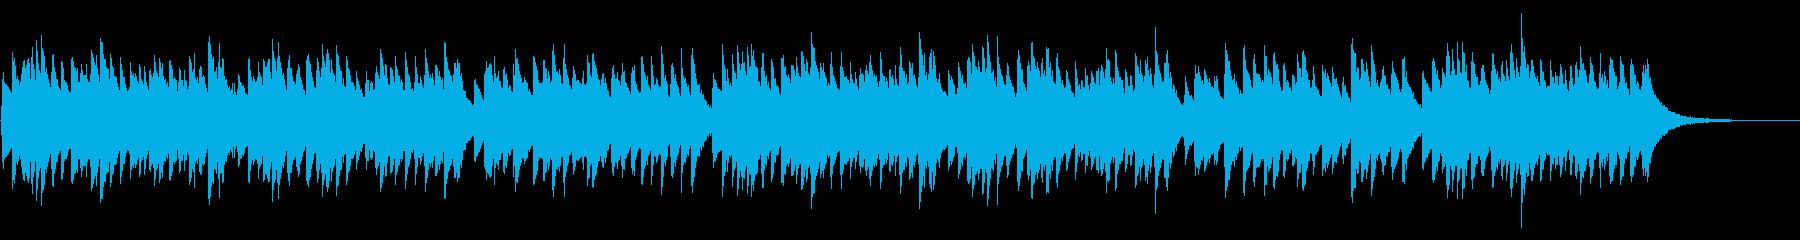 おめでとうクリスマス 72弁オルゴールの再生済みの波形